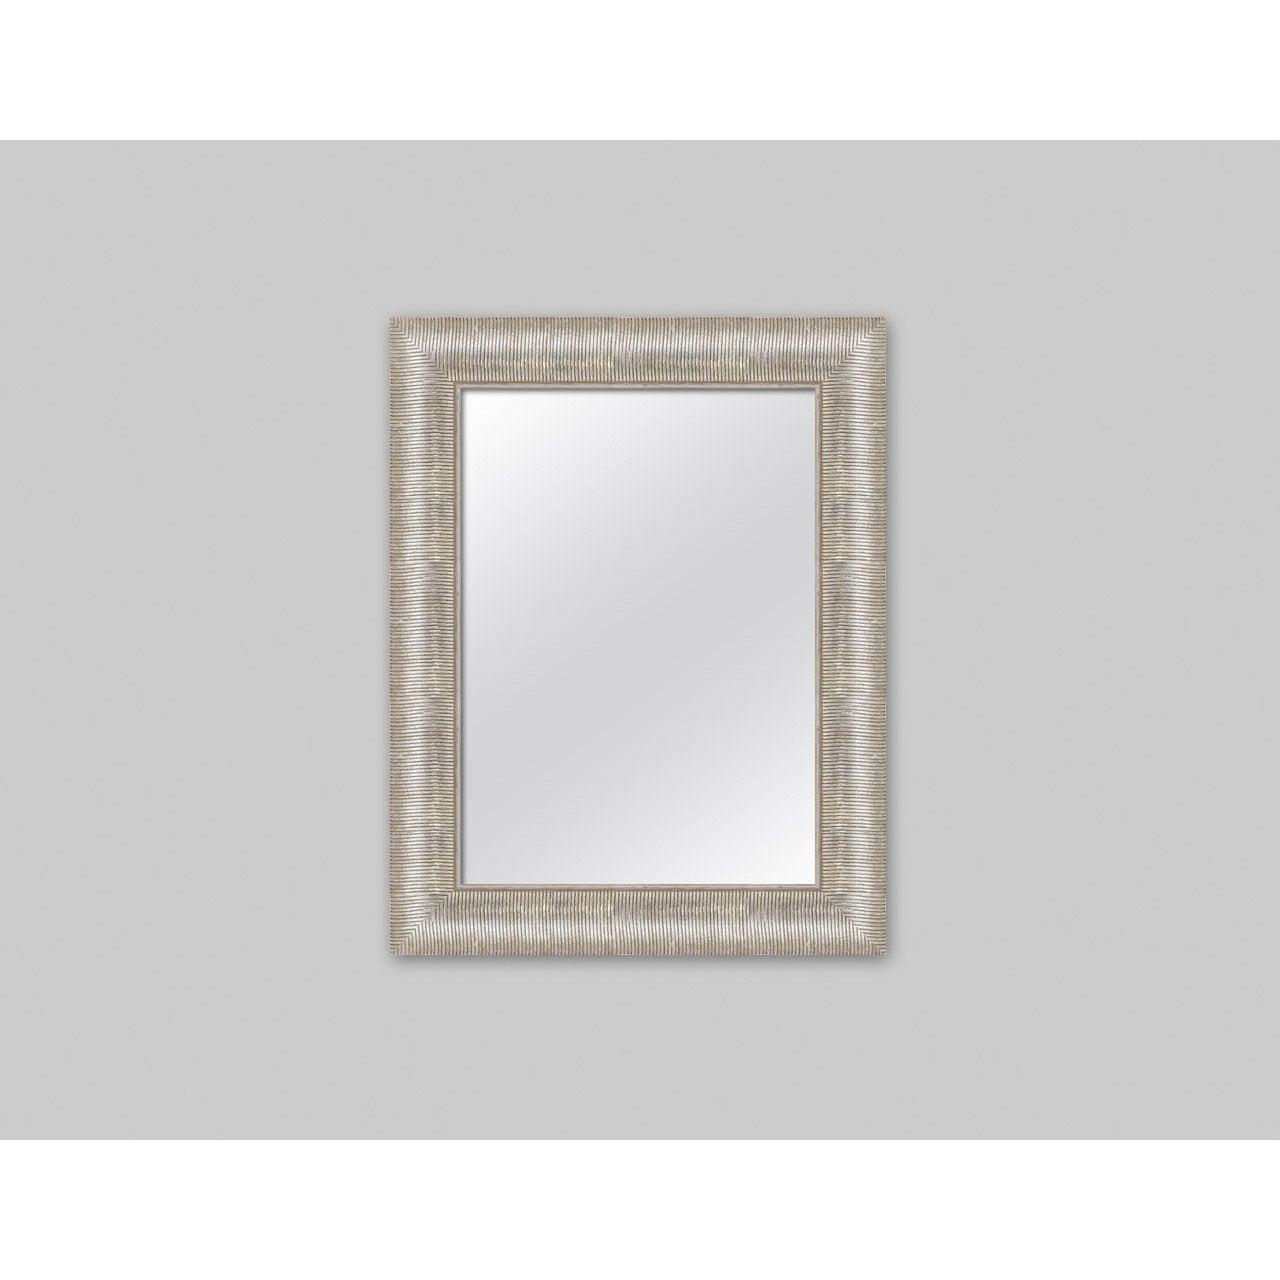 Miroir orn argent x cm leroy merlin for Miroir 50 x 70 leroy merlin